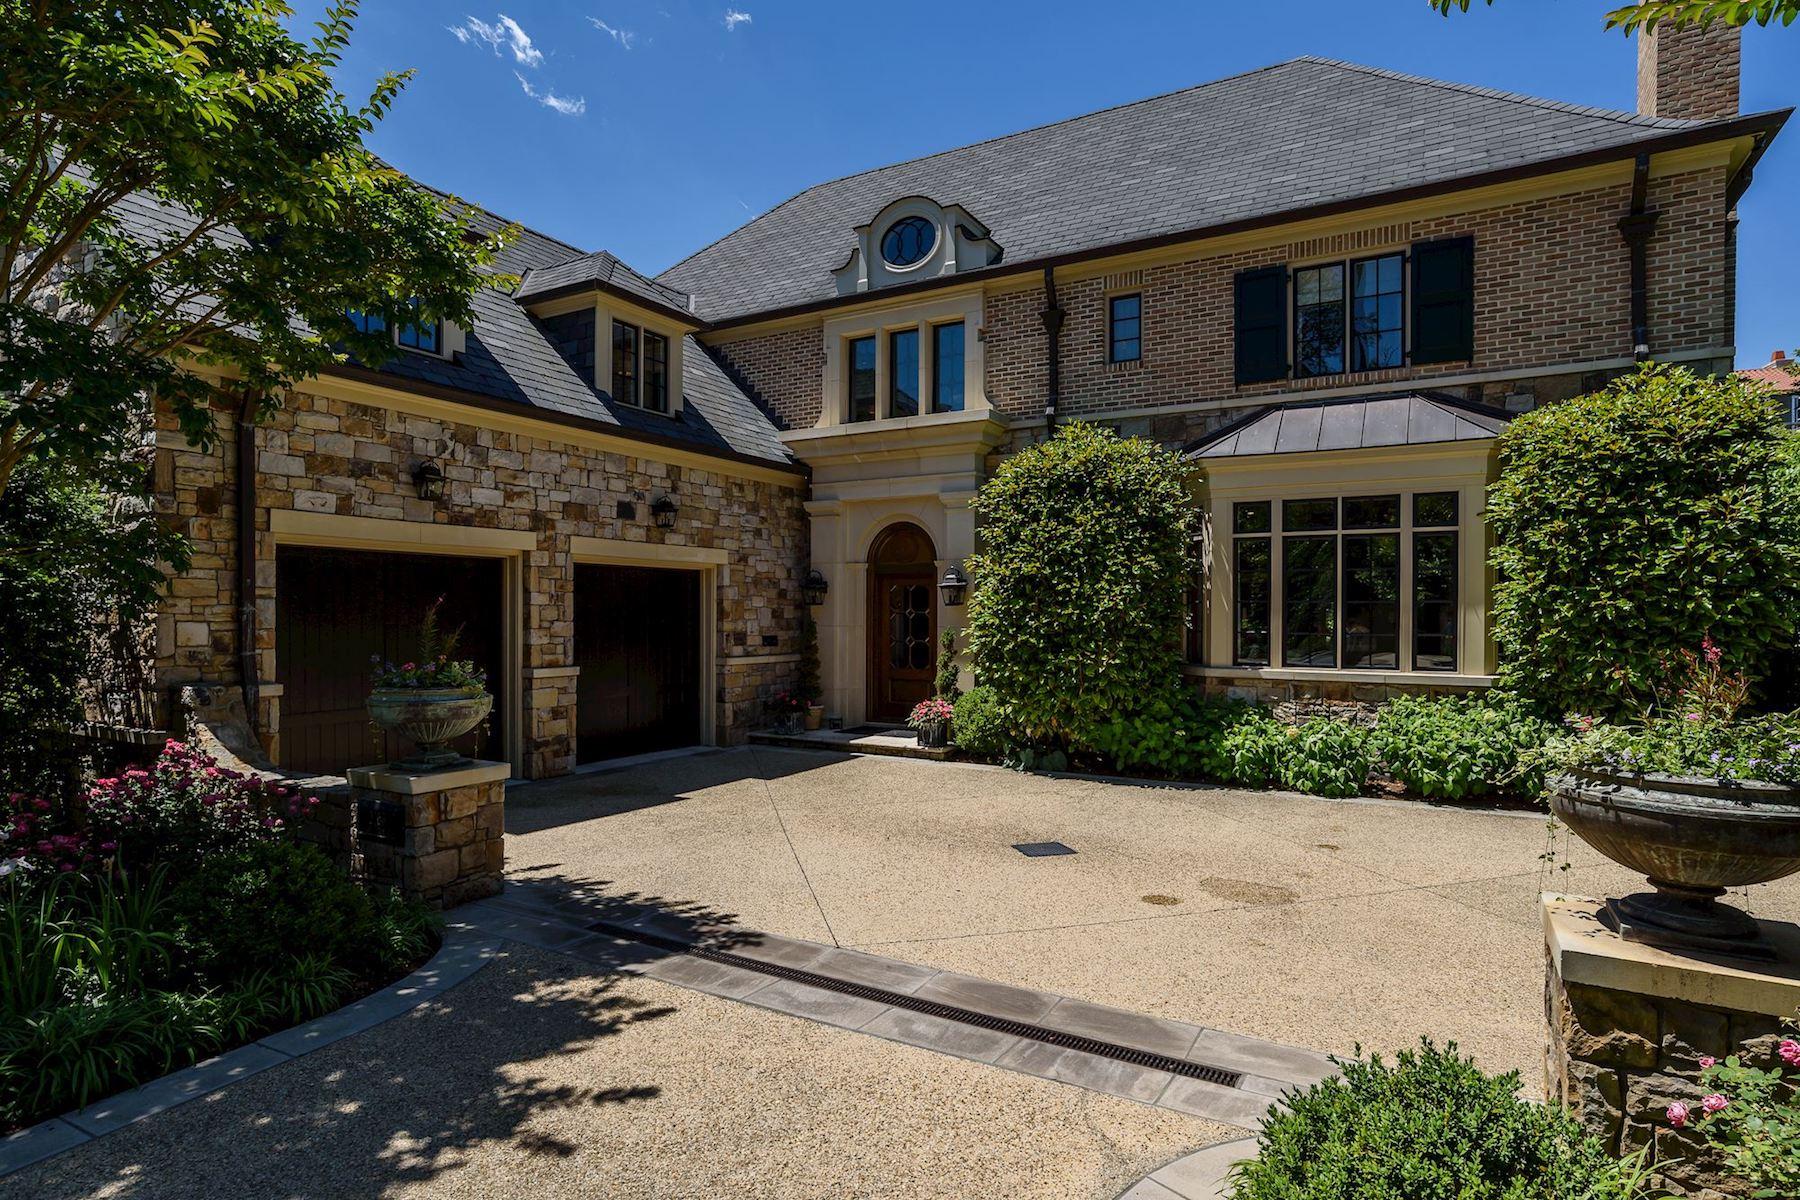 Einfamilienhaus für Verkauf beim 2166 Dunmore Lane, Washington 2166 Dunmore Ln Washington, District Of Columbia, 20007 Vereinigte Staaten